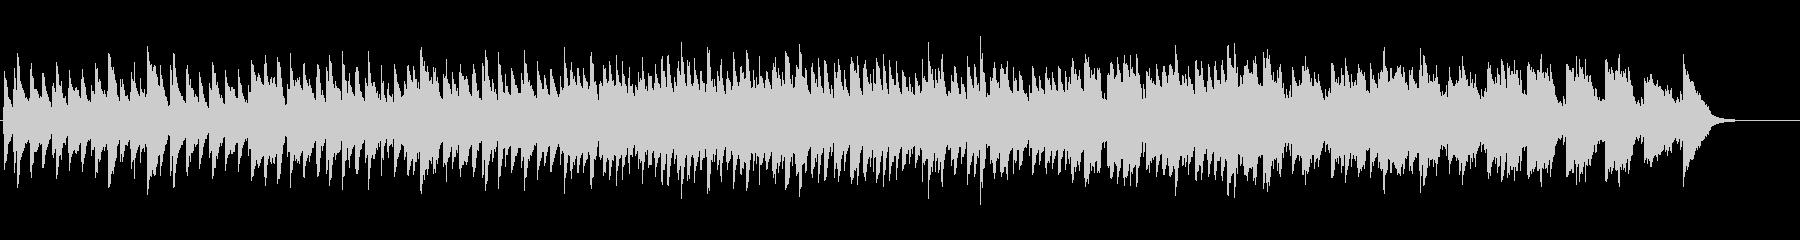 ショパンのマズルカのイメージのオリジナルの未再生の波形